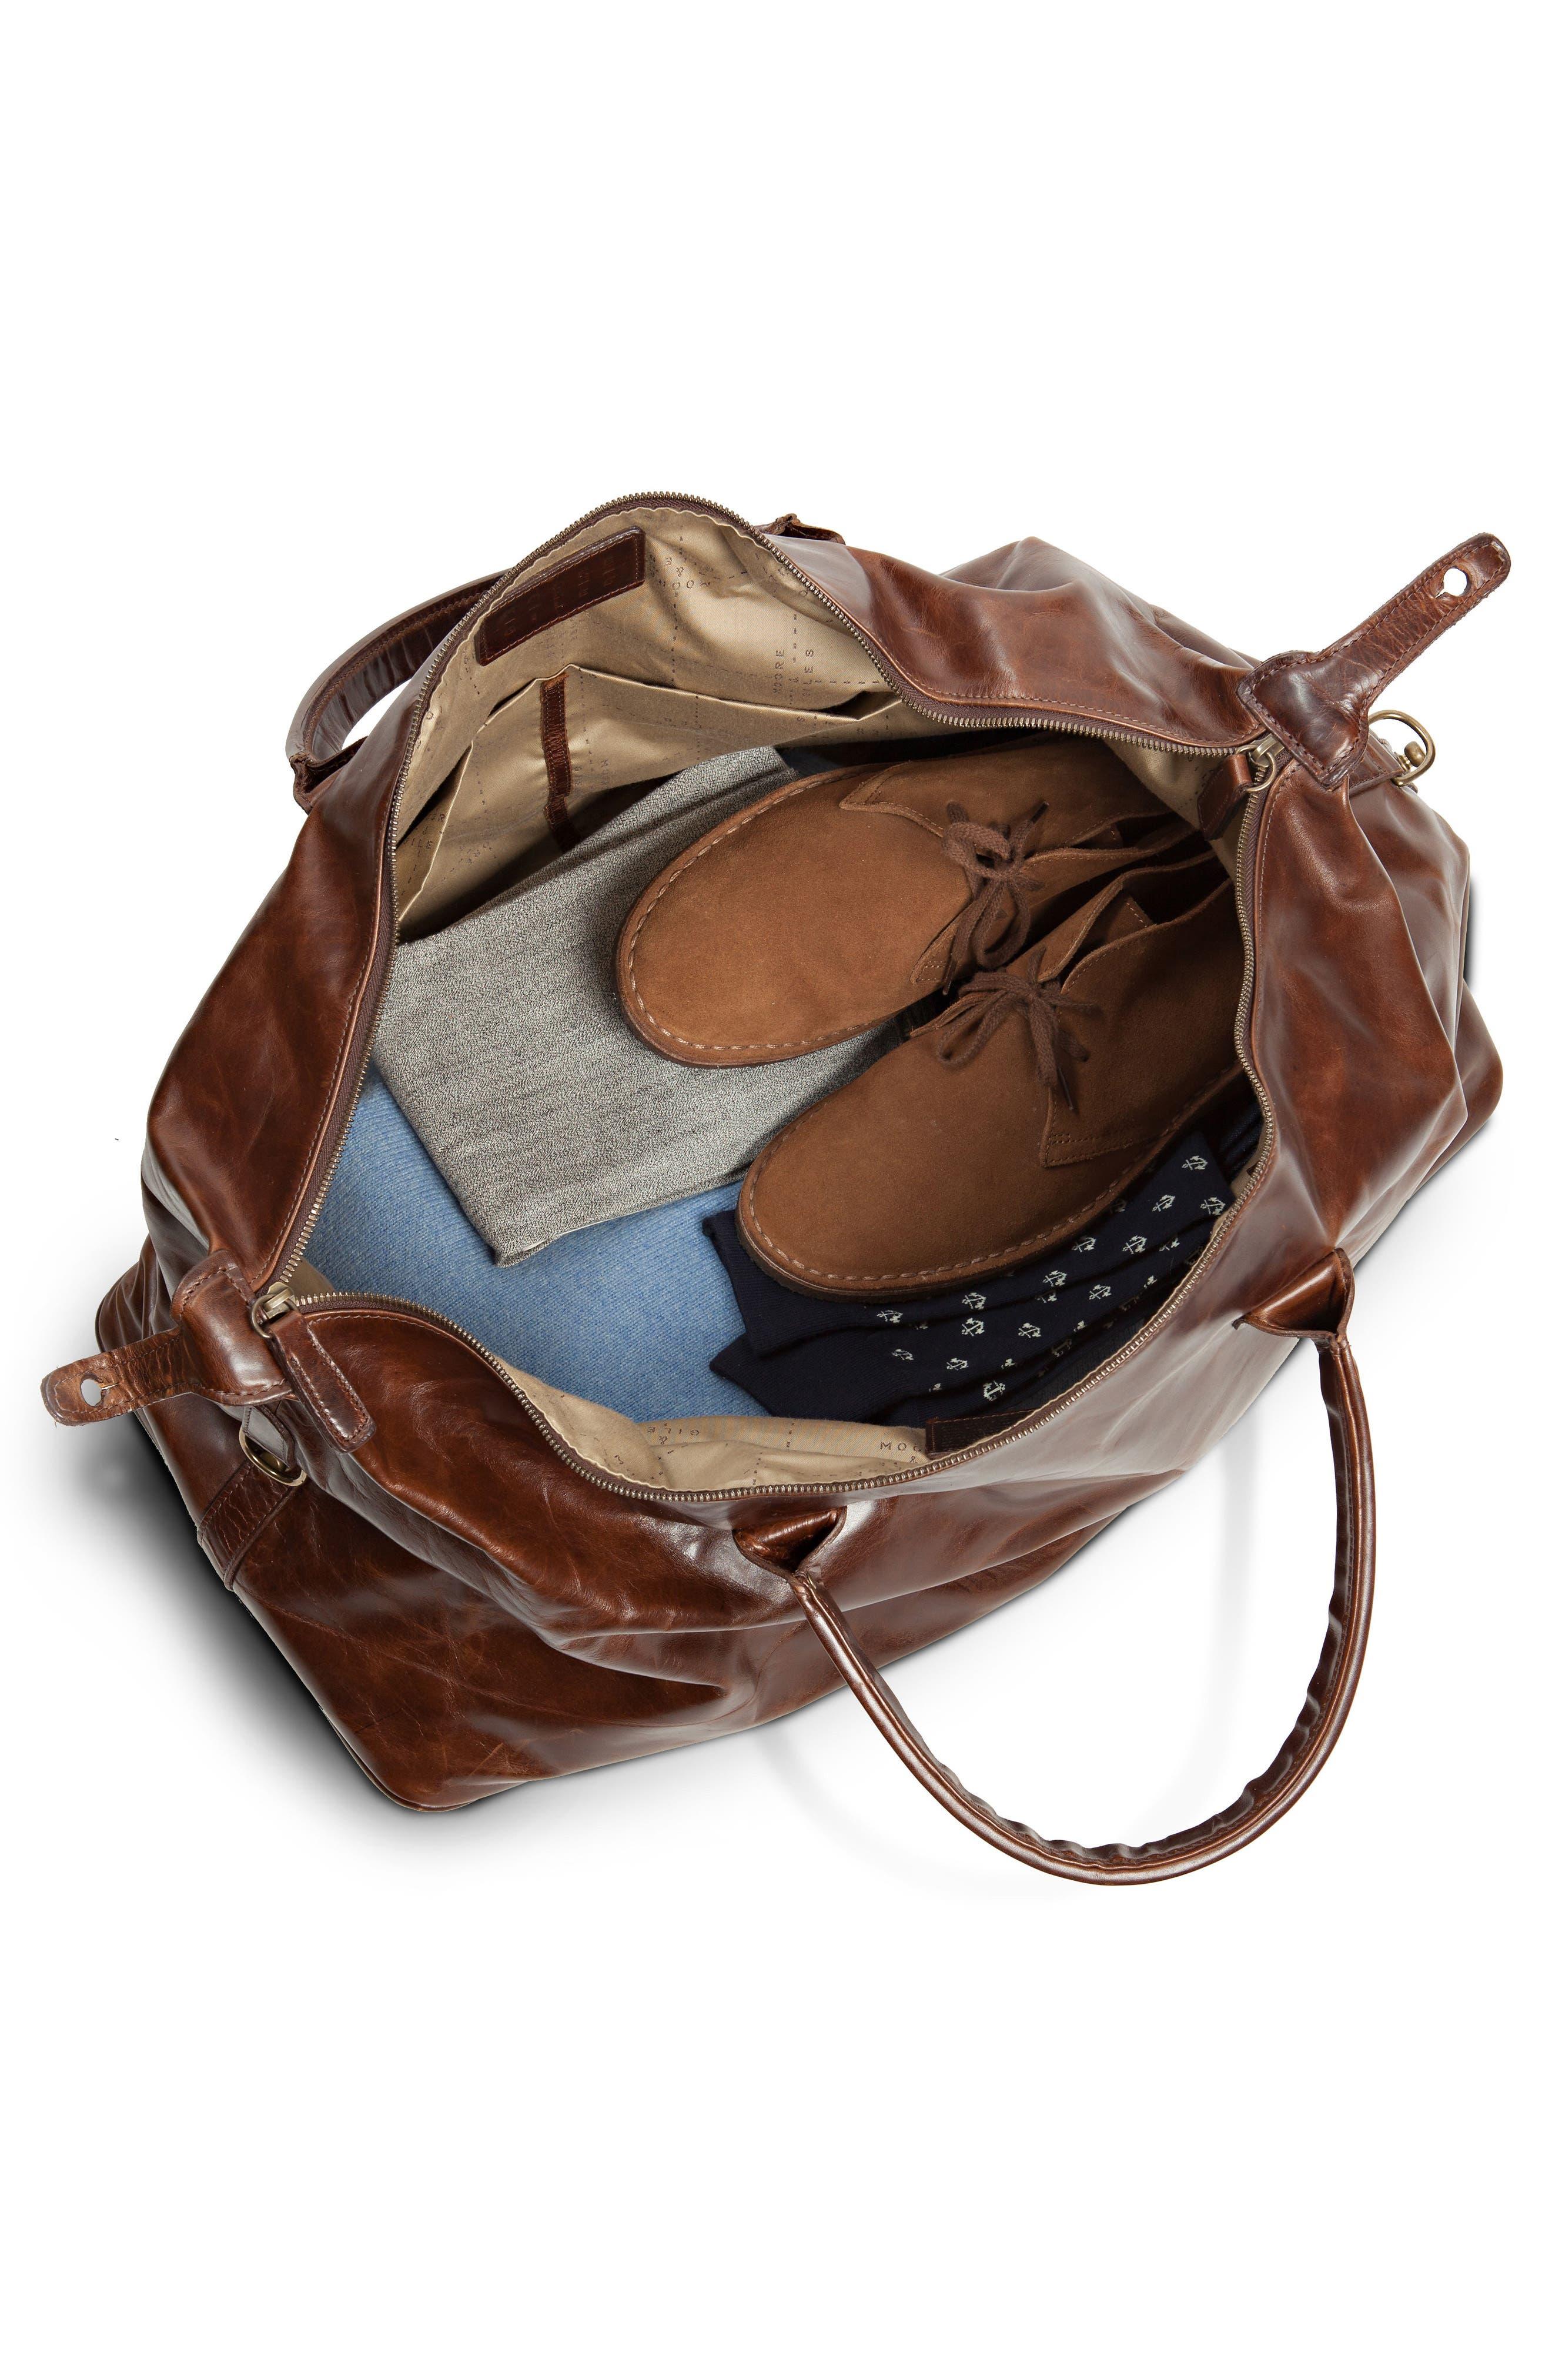 Benedict Leather Duffel Bag,                             Alternate thumbnail 2, color,                             BROMPTON BROWN